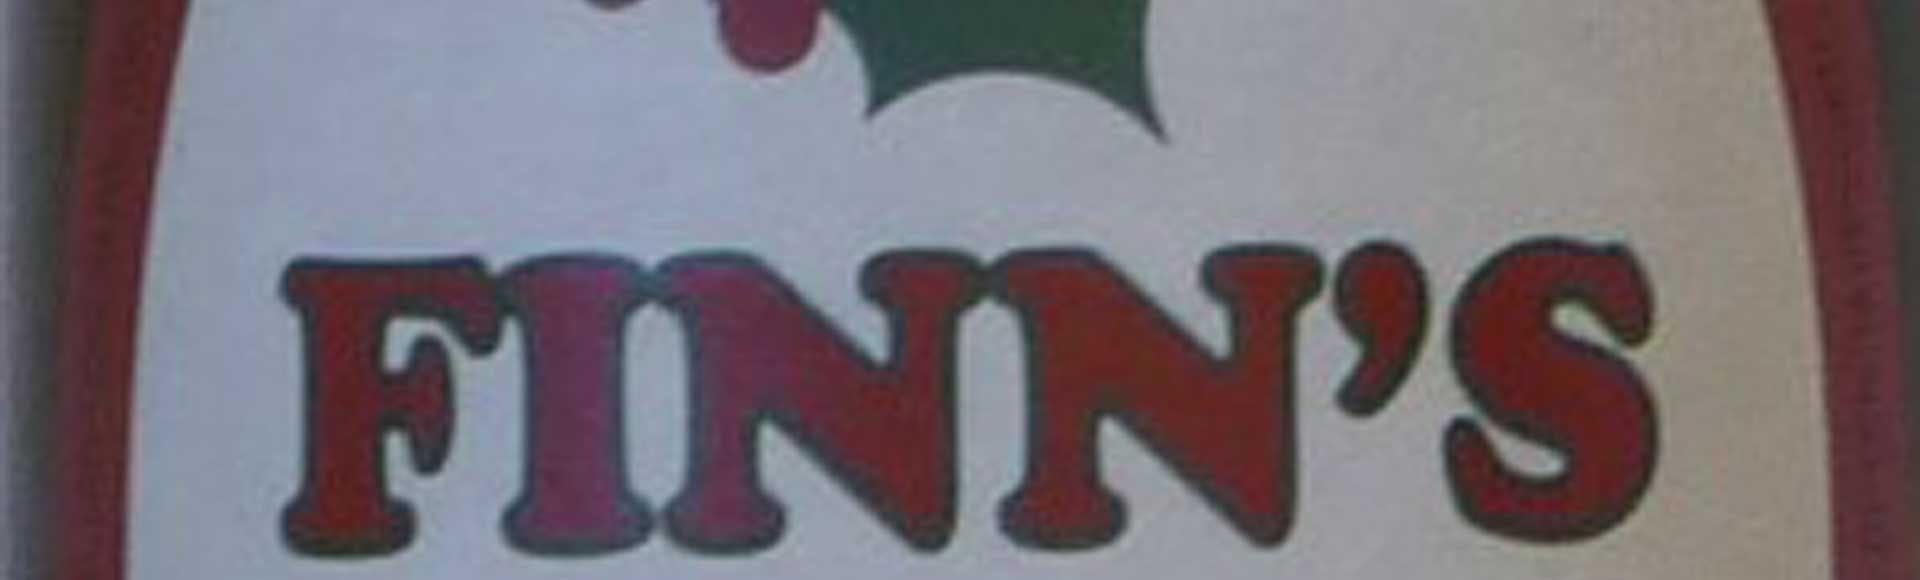 Finn's Jul fra Refsvindinge